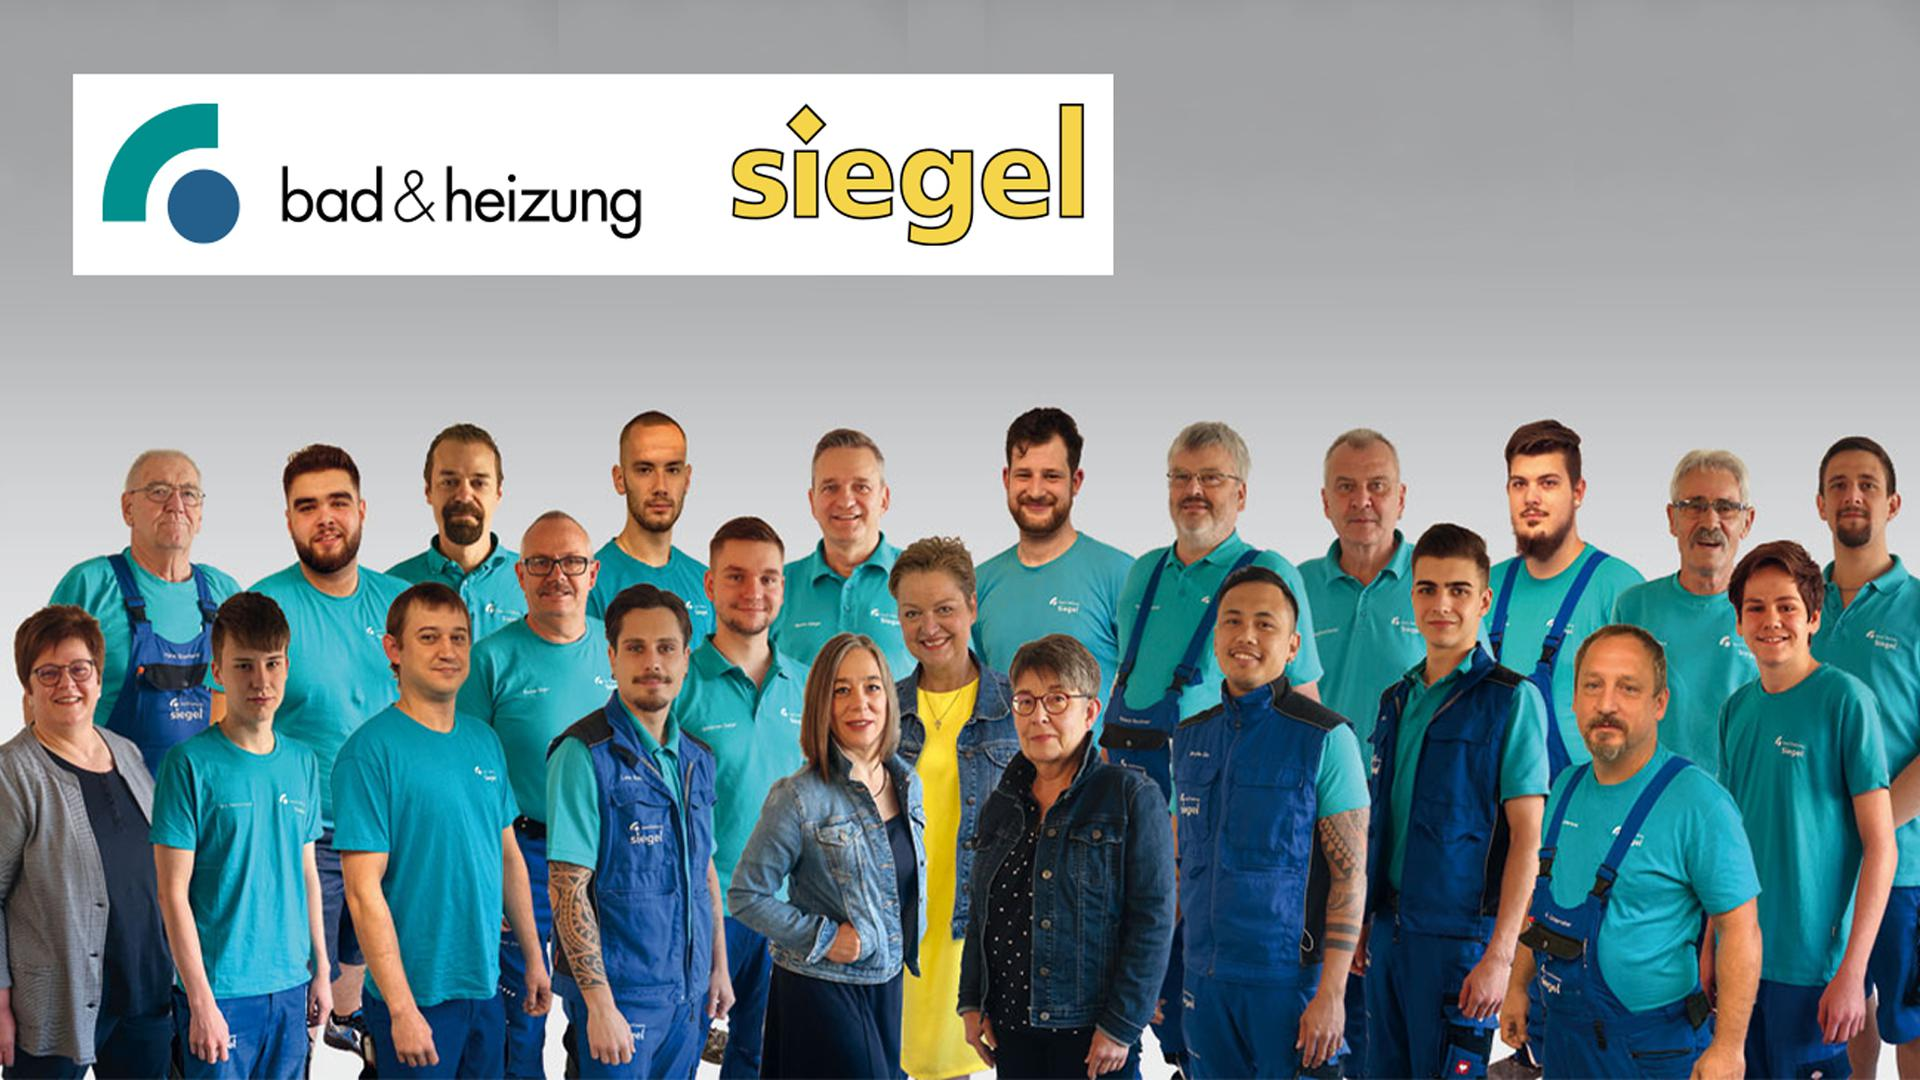 Siegel Bad & Heizung Mitarbeiter